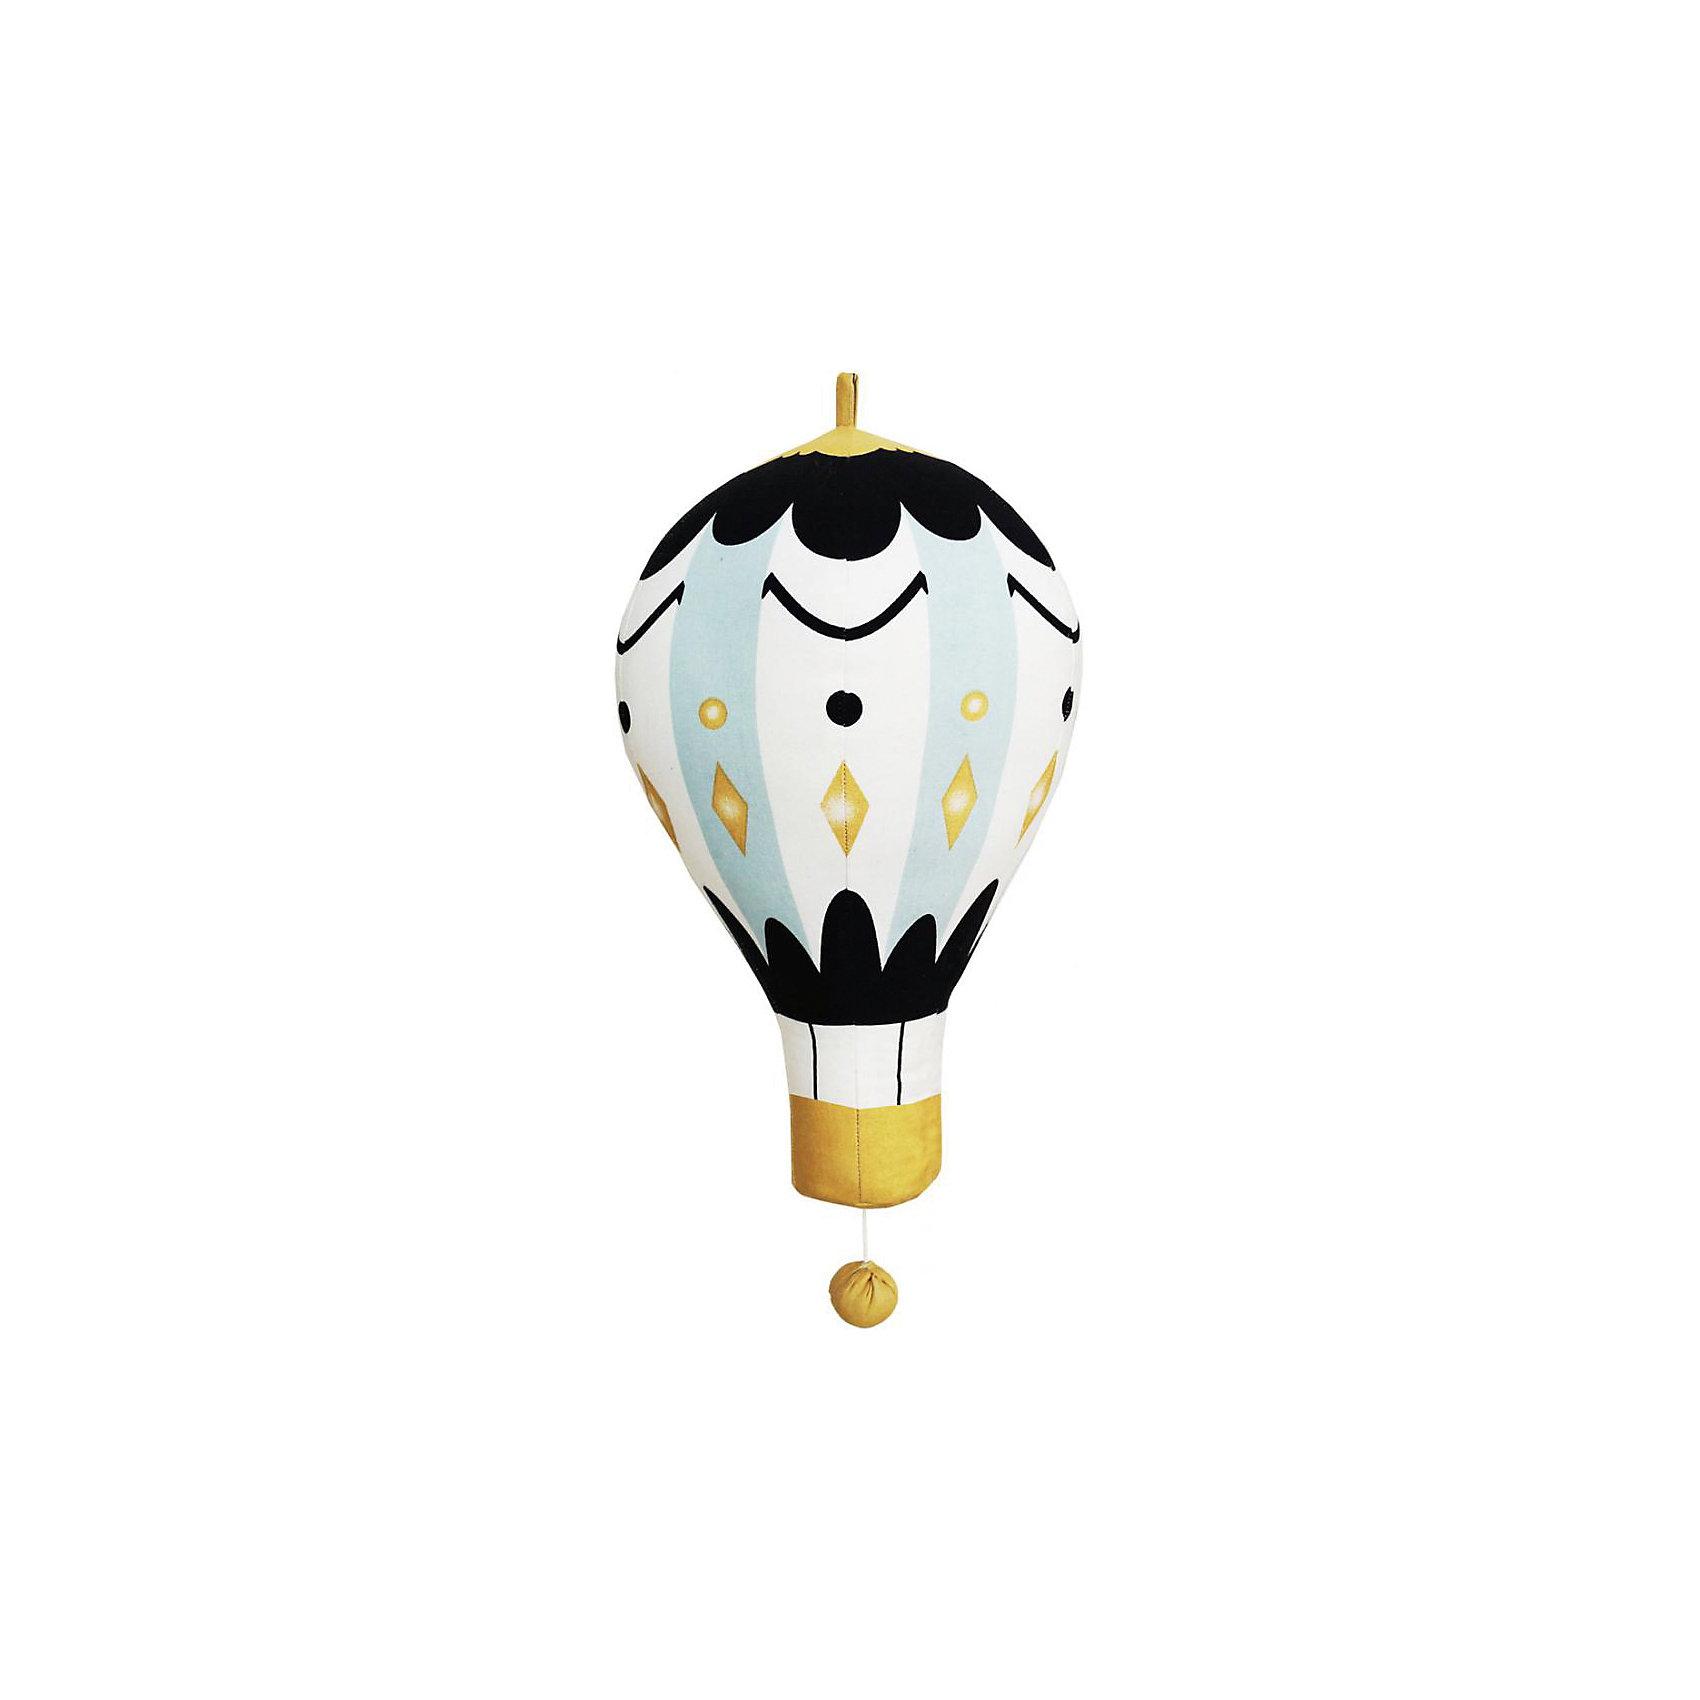 Музыкальный мобиль Moon Balloon Small 16 см., Elodie DetailsМузыкальный мобиль Moon Balloon Small 16 см., Elodie Details (Элоди Дитейлс)<br><br>Характеристики:<br><br>• приятная мелодия поможет малышу успокоиться и заснуть<br>• необычный дизайн понравится детям и взрослым<br>• материал: 100% хлопок<br>• наполнитель: полиэстер<br>• длина: 16 см<br><br>Оригинальный мобиль Moon Balloon Small в виде воздушного шара поможет крохе расслабиться и заснуть после активных игр. Мобиль сыграет крохе успокаивающую мелодию и подарит крепкий и здоровый сон. Игрушка изготовлена из хлопка, безопасного для ребенка. В младенчестве ваш малыш с радостью будет наблюдать за игрушкой. А когда кроха подрастет, вы сможете предложить ему использовать мобиль для украшения детской комнаты.<br><br>Музыкальный мобиль Moon Balloon Small 16 см., Elodie Details (Элоди Дитейлс) вы можете купить в нашем интернет-магазине.<br><br>Ширина мм: 130<br>Глубина мм: 80<br>Высота мм: 70<br>Вес г: 80<br>Возраст от месяцев: 0<br>Возраст до месяцев: 18<br>Пол: Мужской<br>Возраст: Детский<br>SKU: 4966123